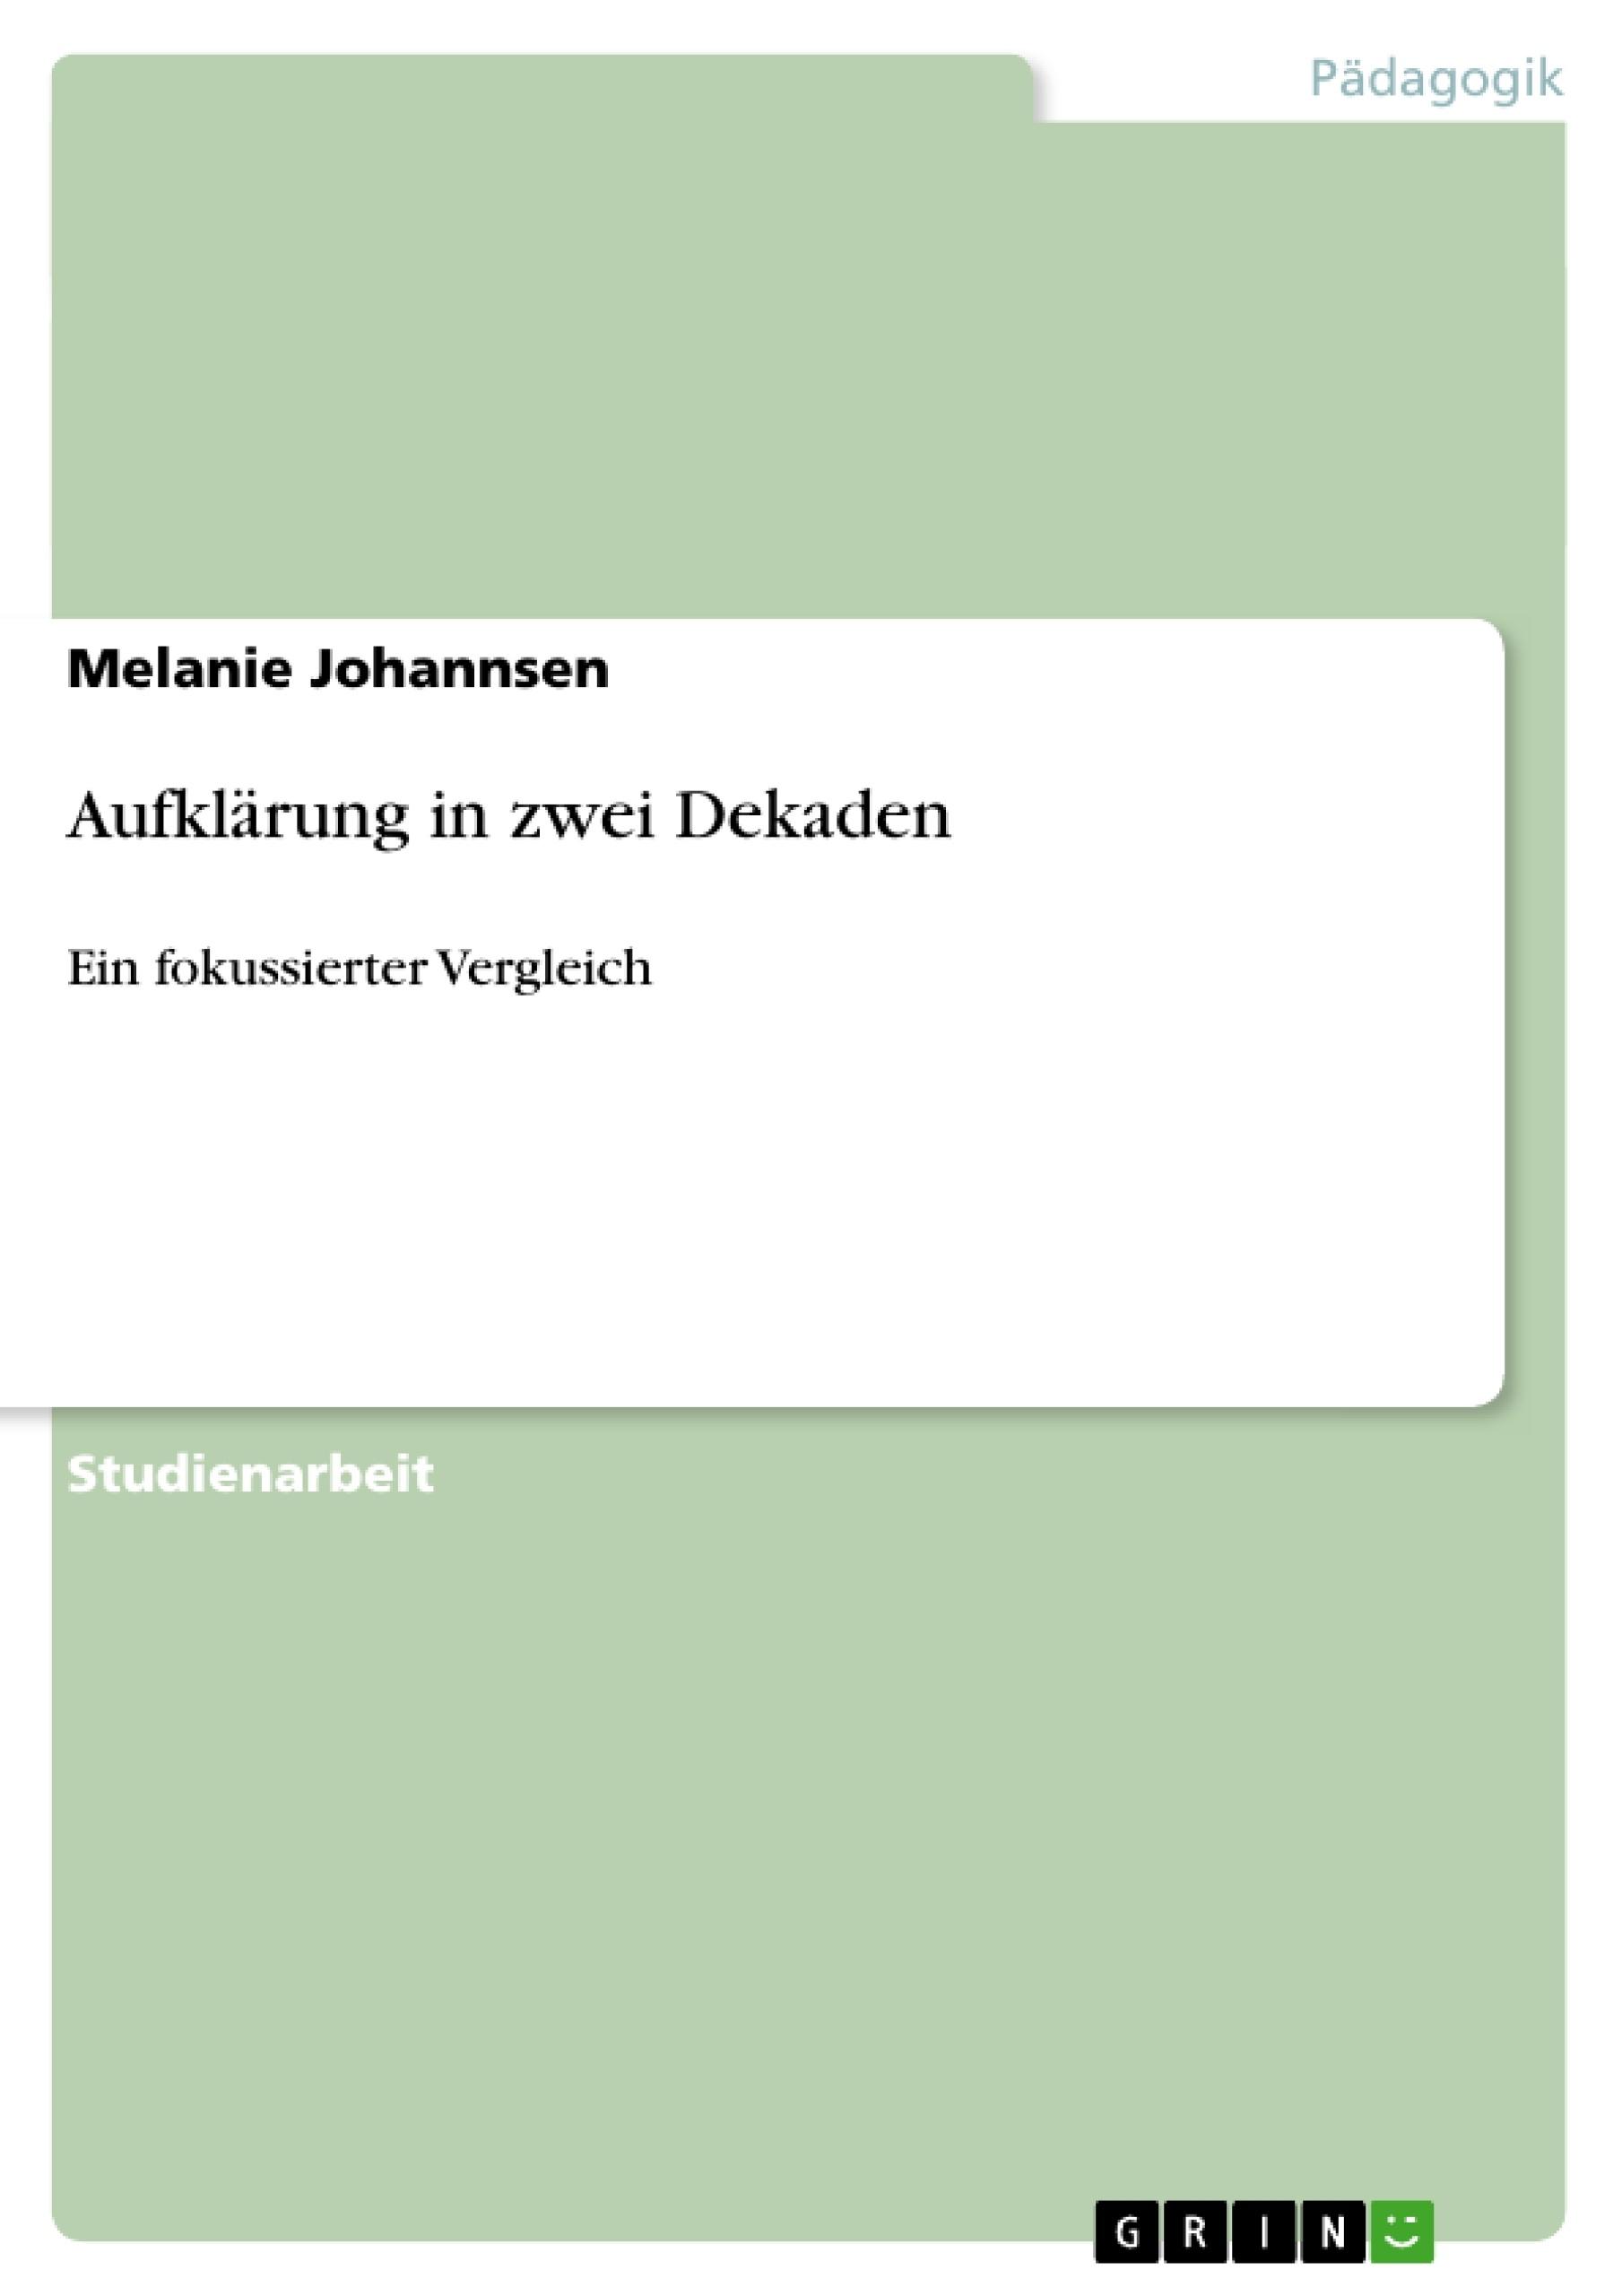 Titel: Aufklärung in zwei Dekaden